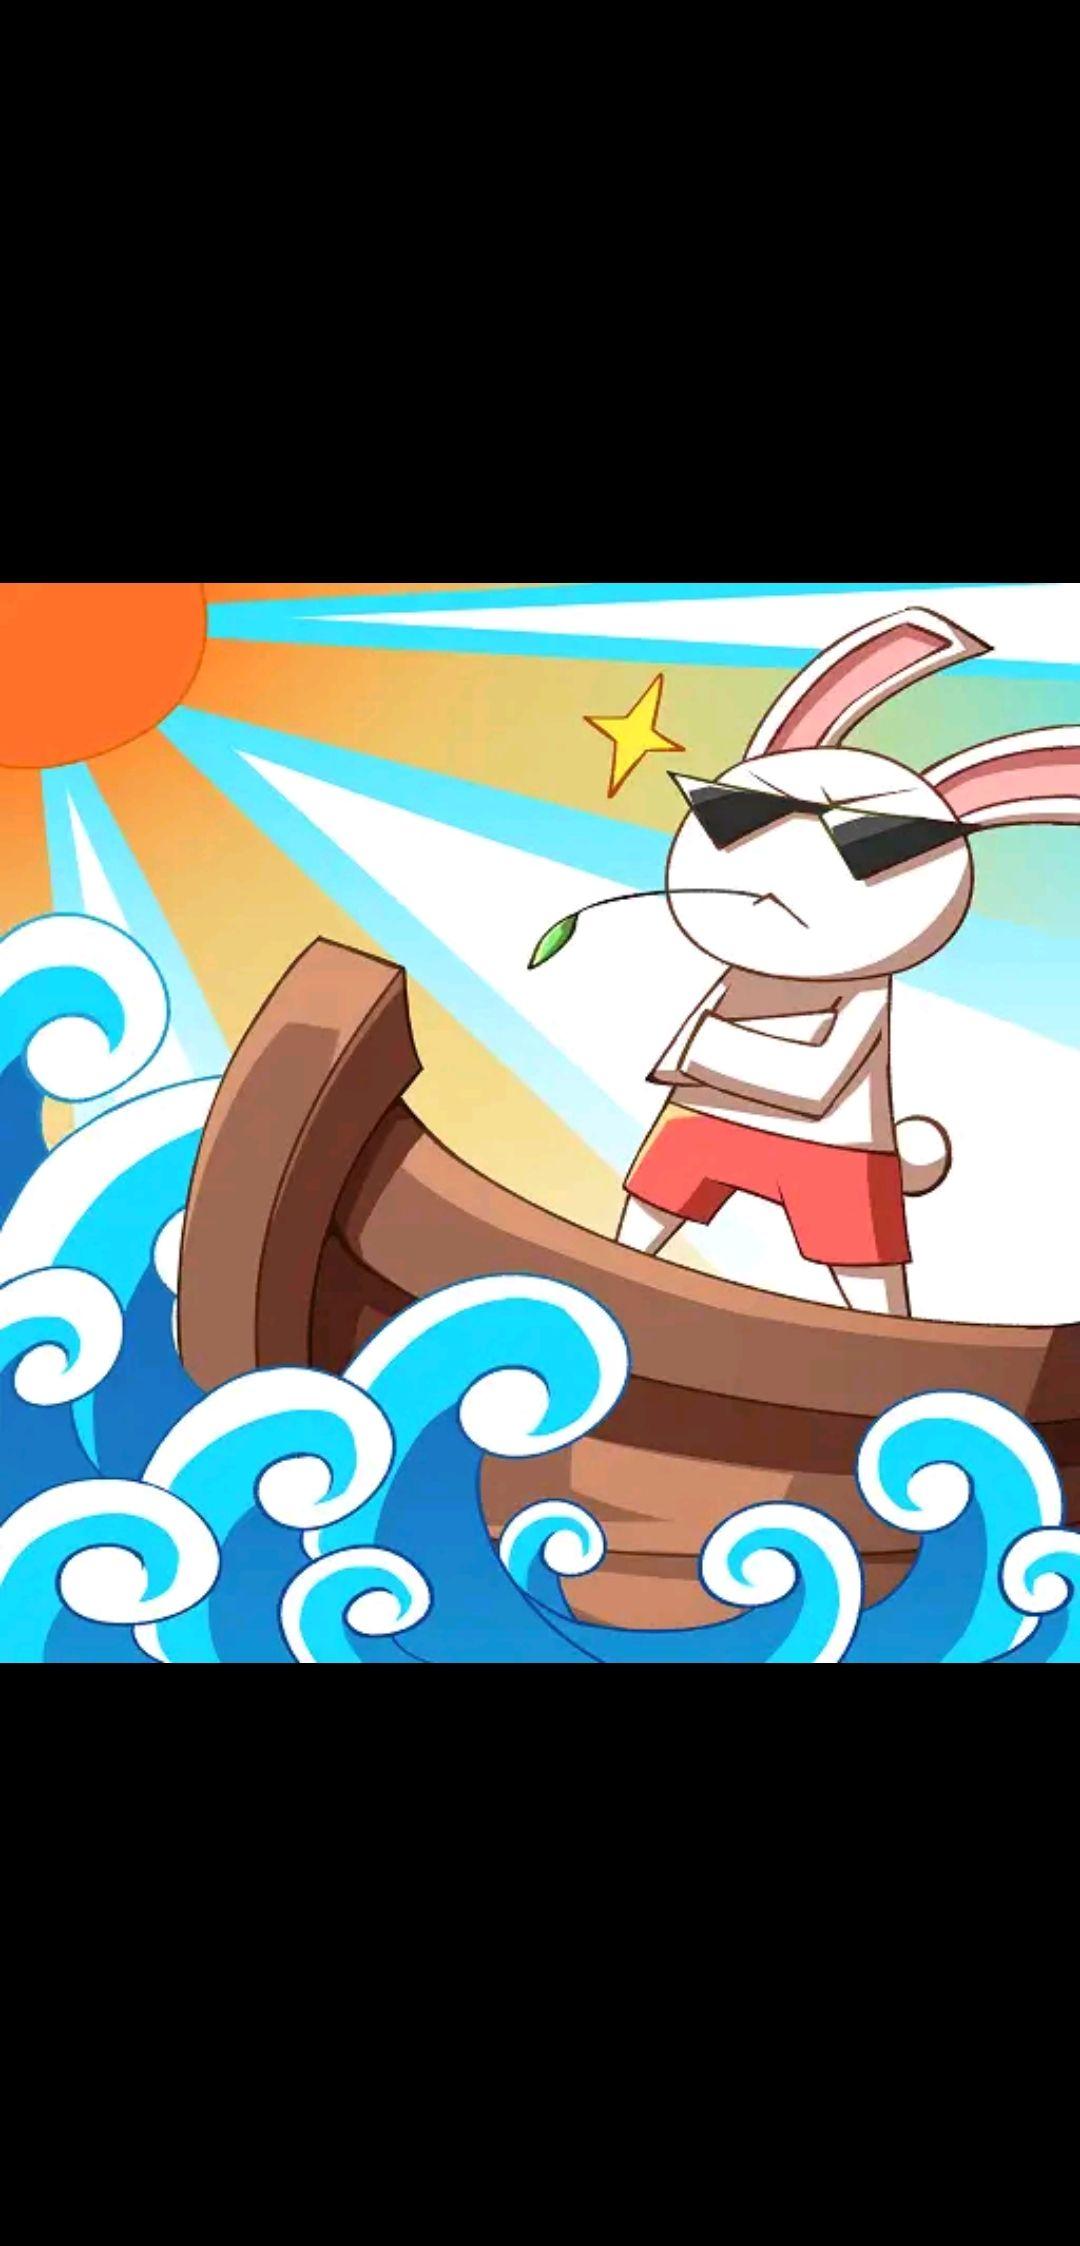 Ocean go! (Android) deze week gratis IPV 0,99 @googleplay